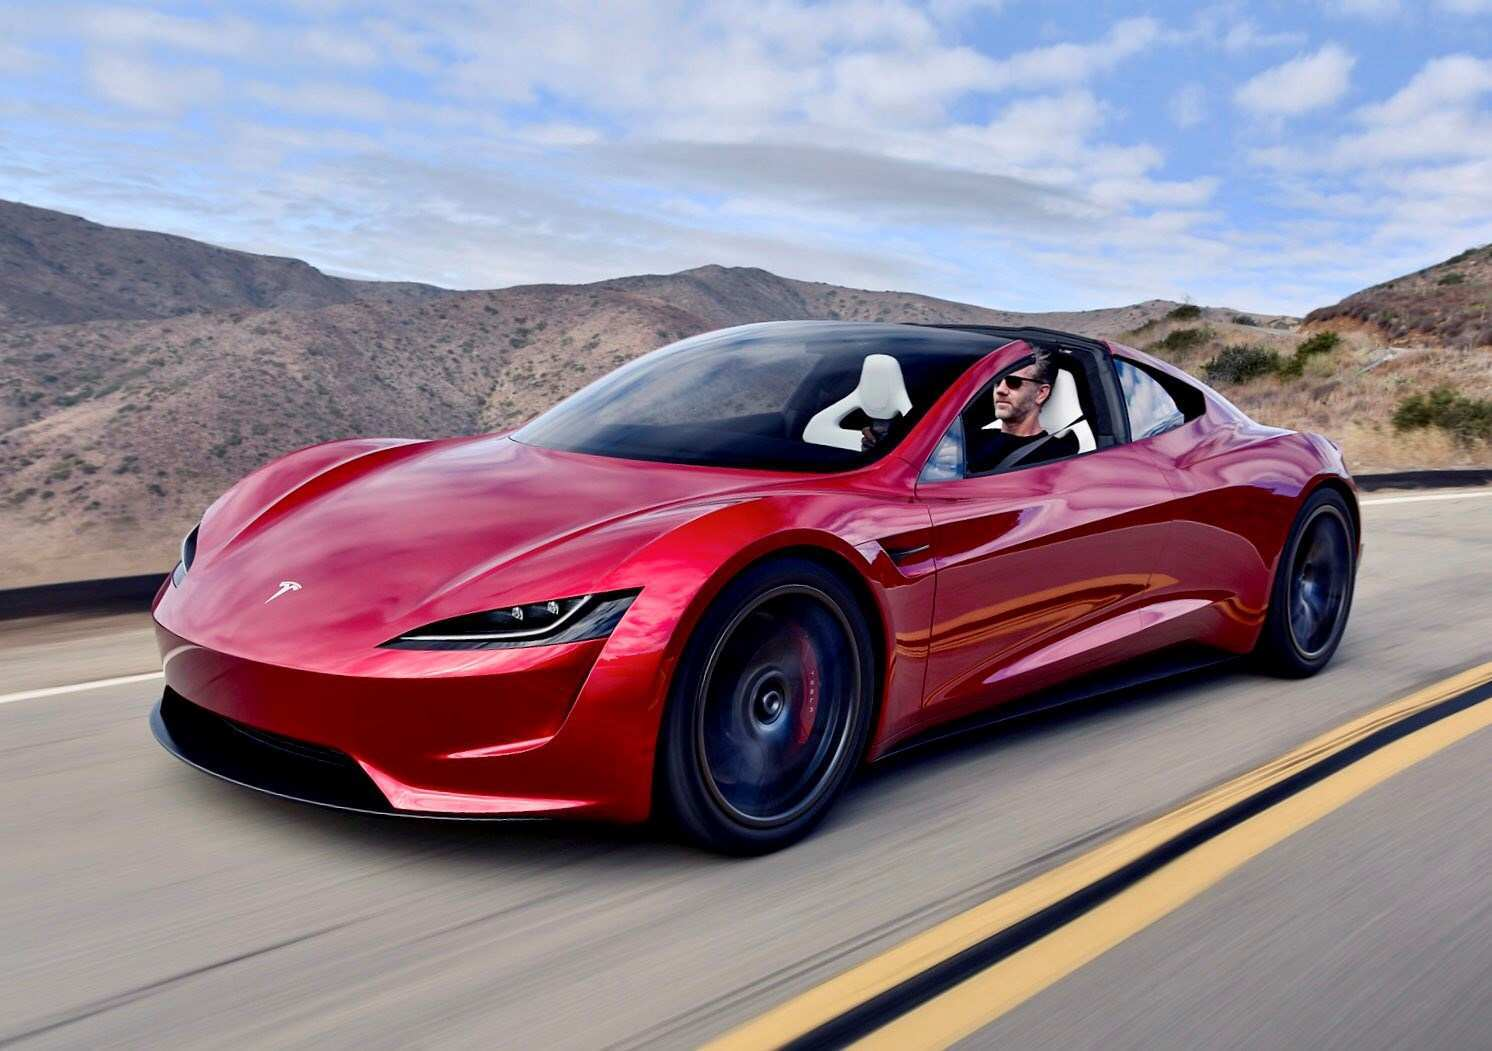 67 Gallery of Tesla 2020 Roadster Pre Order History with Tesla 2020 Roadster Pre Order